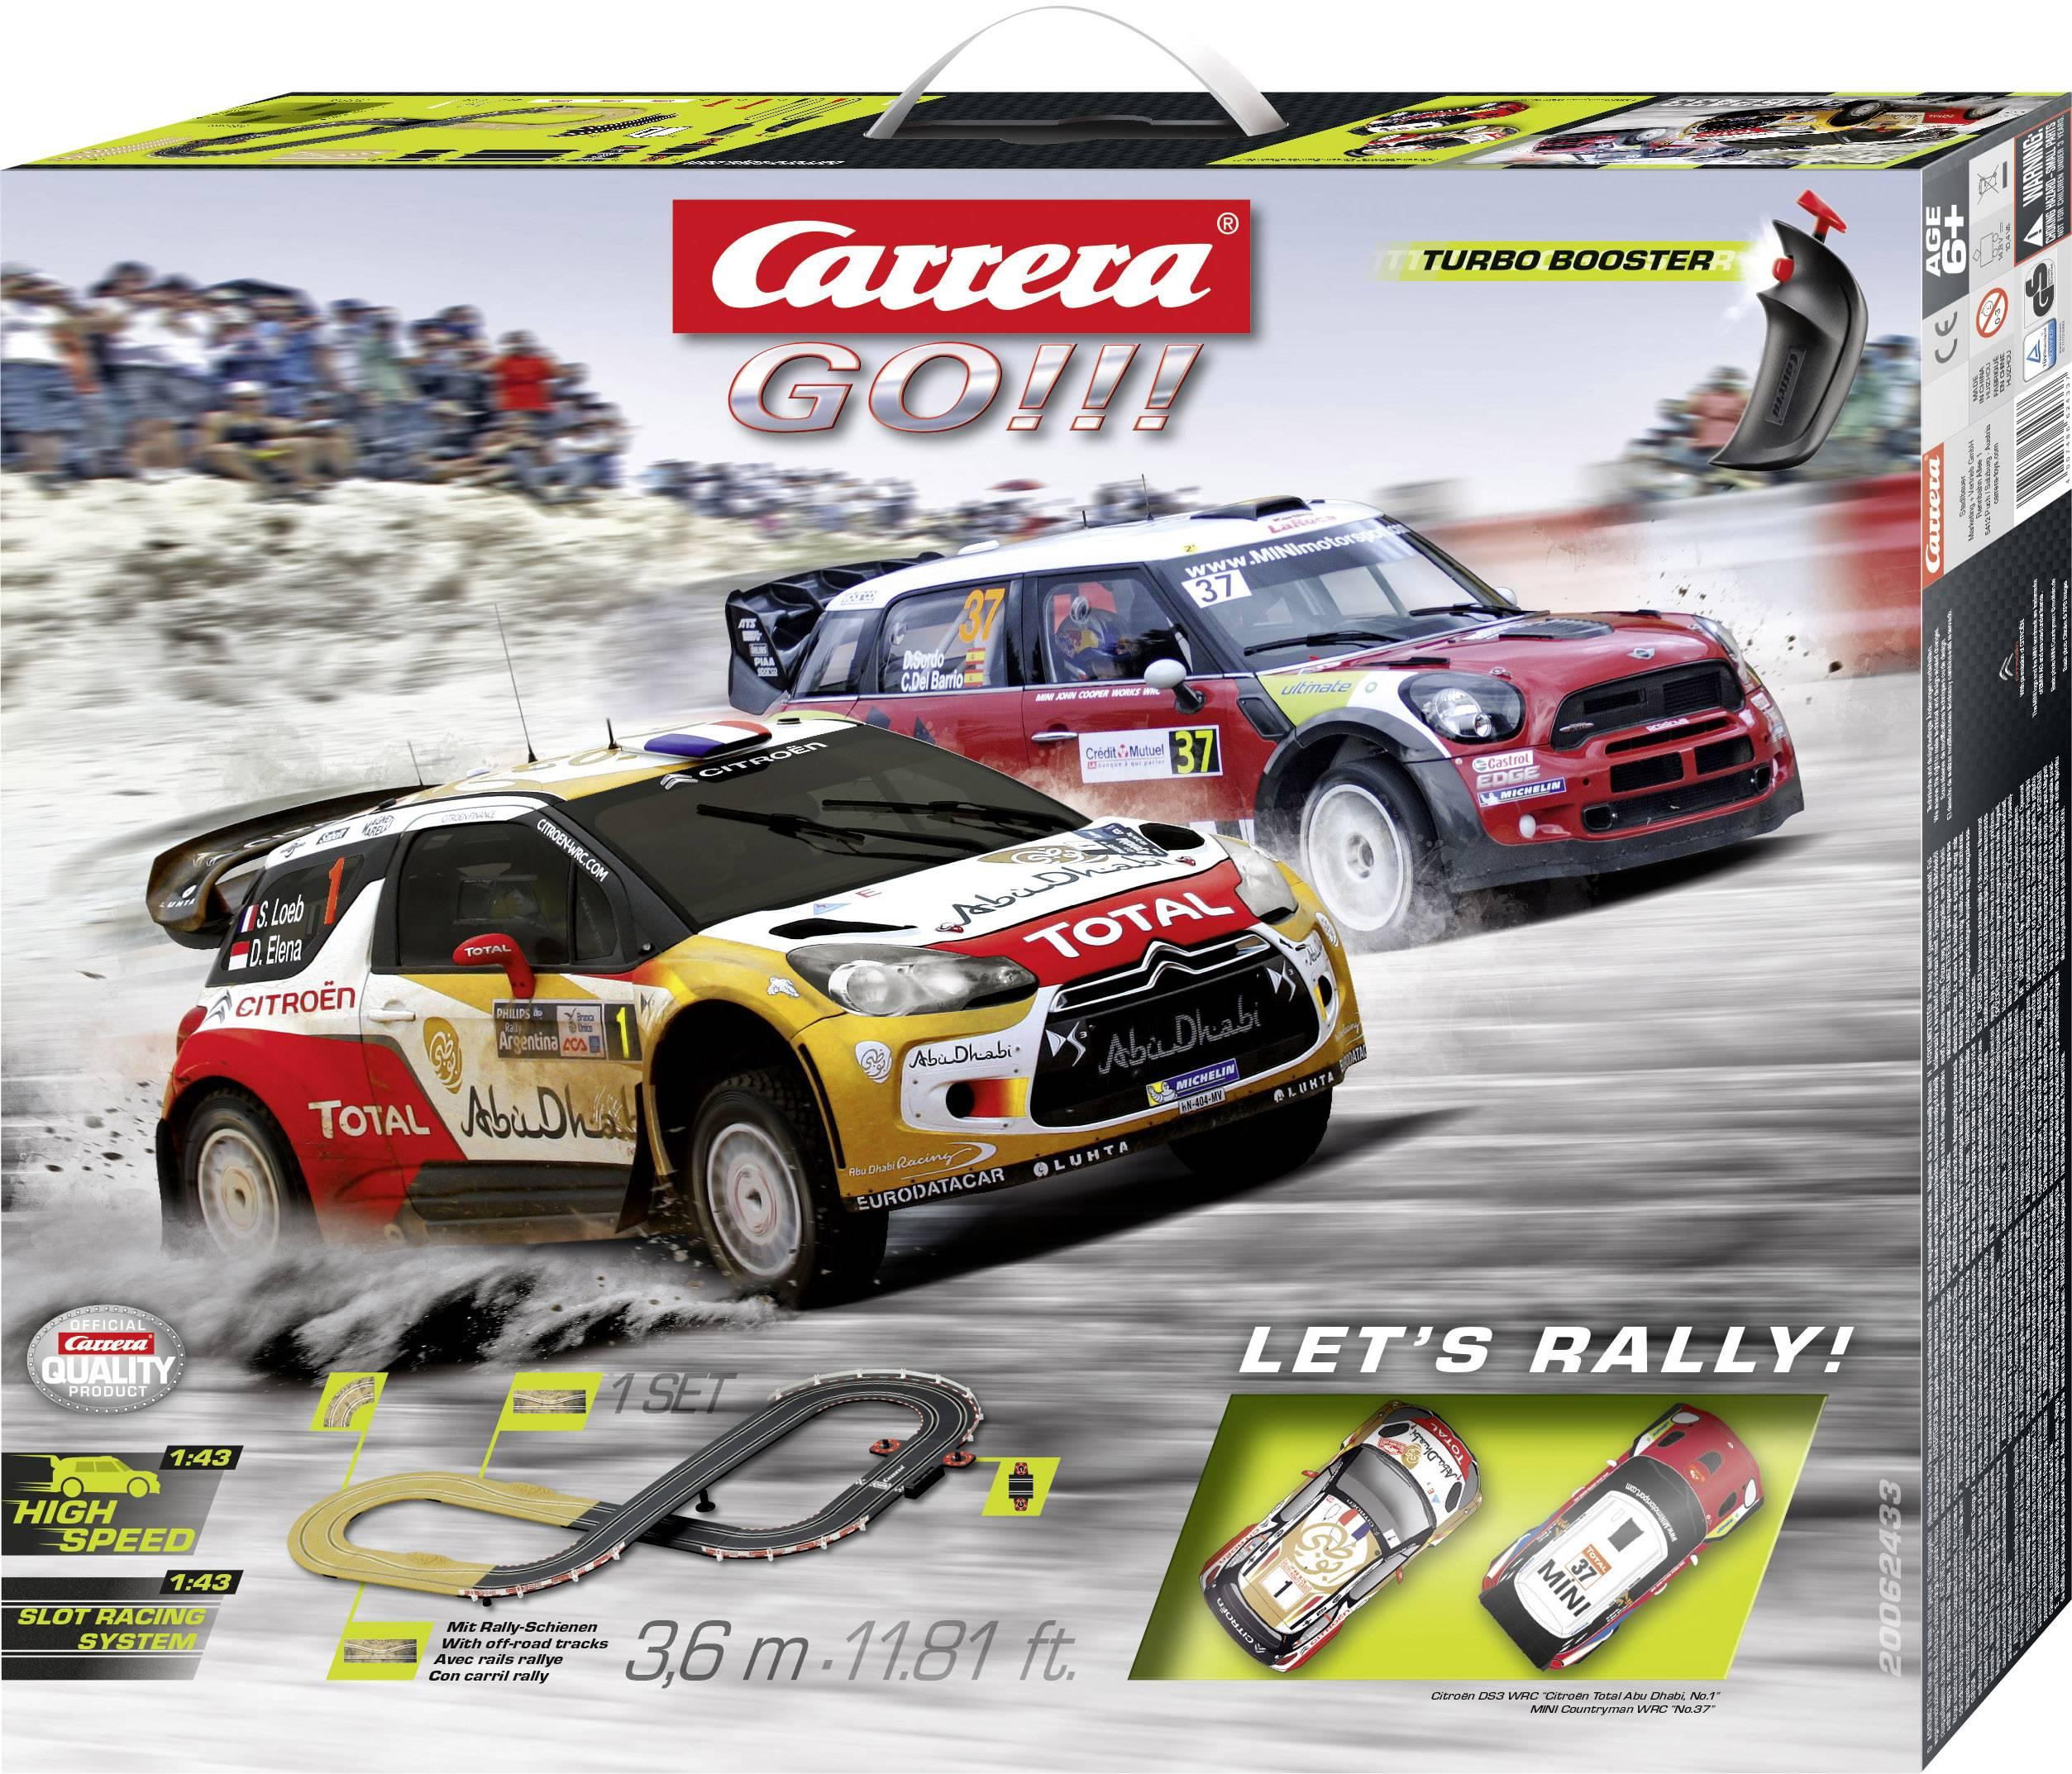 Autodráha, štartovacia sada Carrera Let's Rally 20062433, druh autodráhy GO!!!